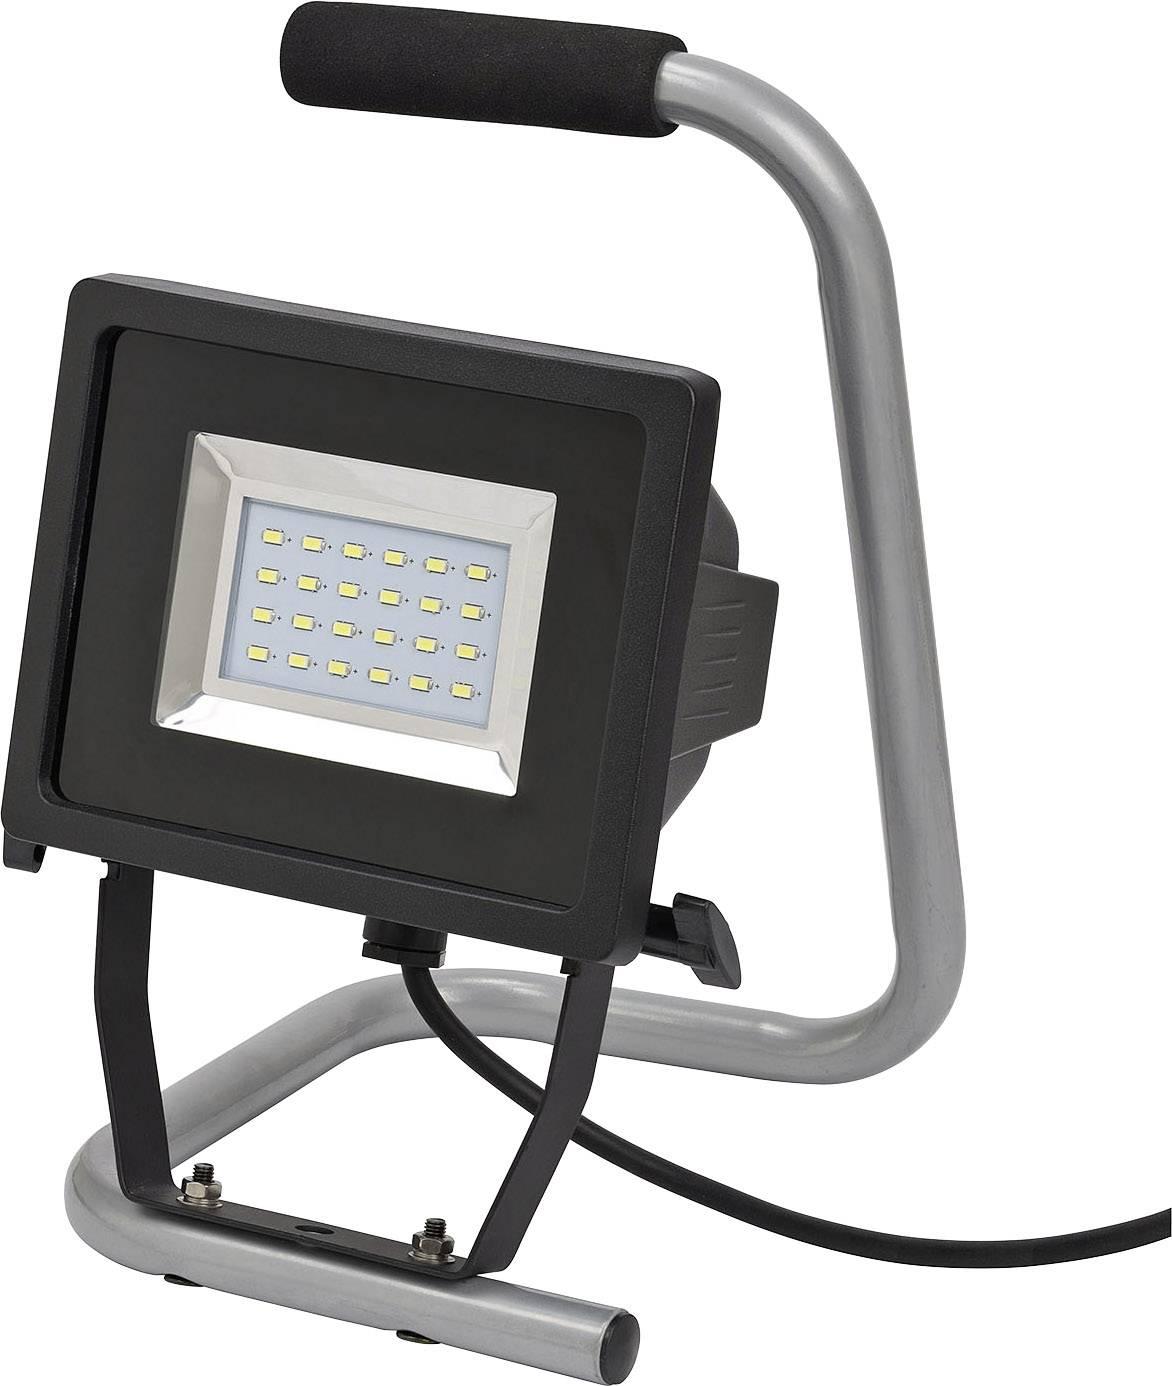 SMD LED stavebný reflektor Brennenstuhl ML DN 2405 1179280300, čierna